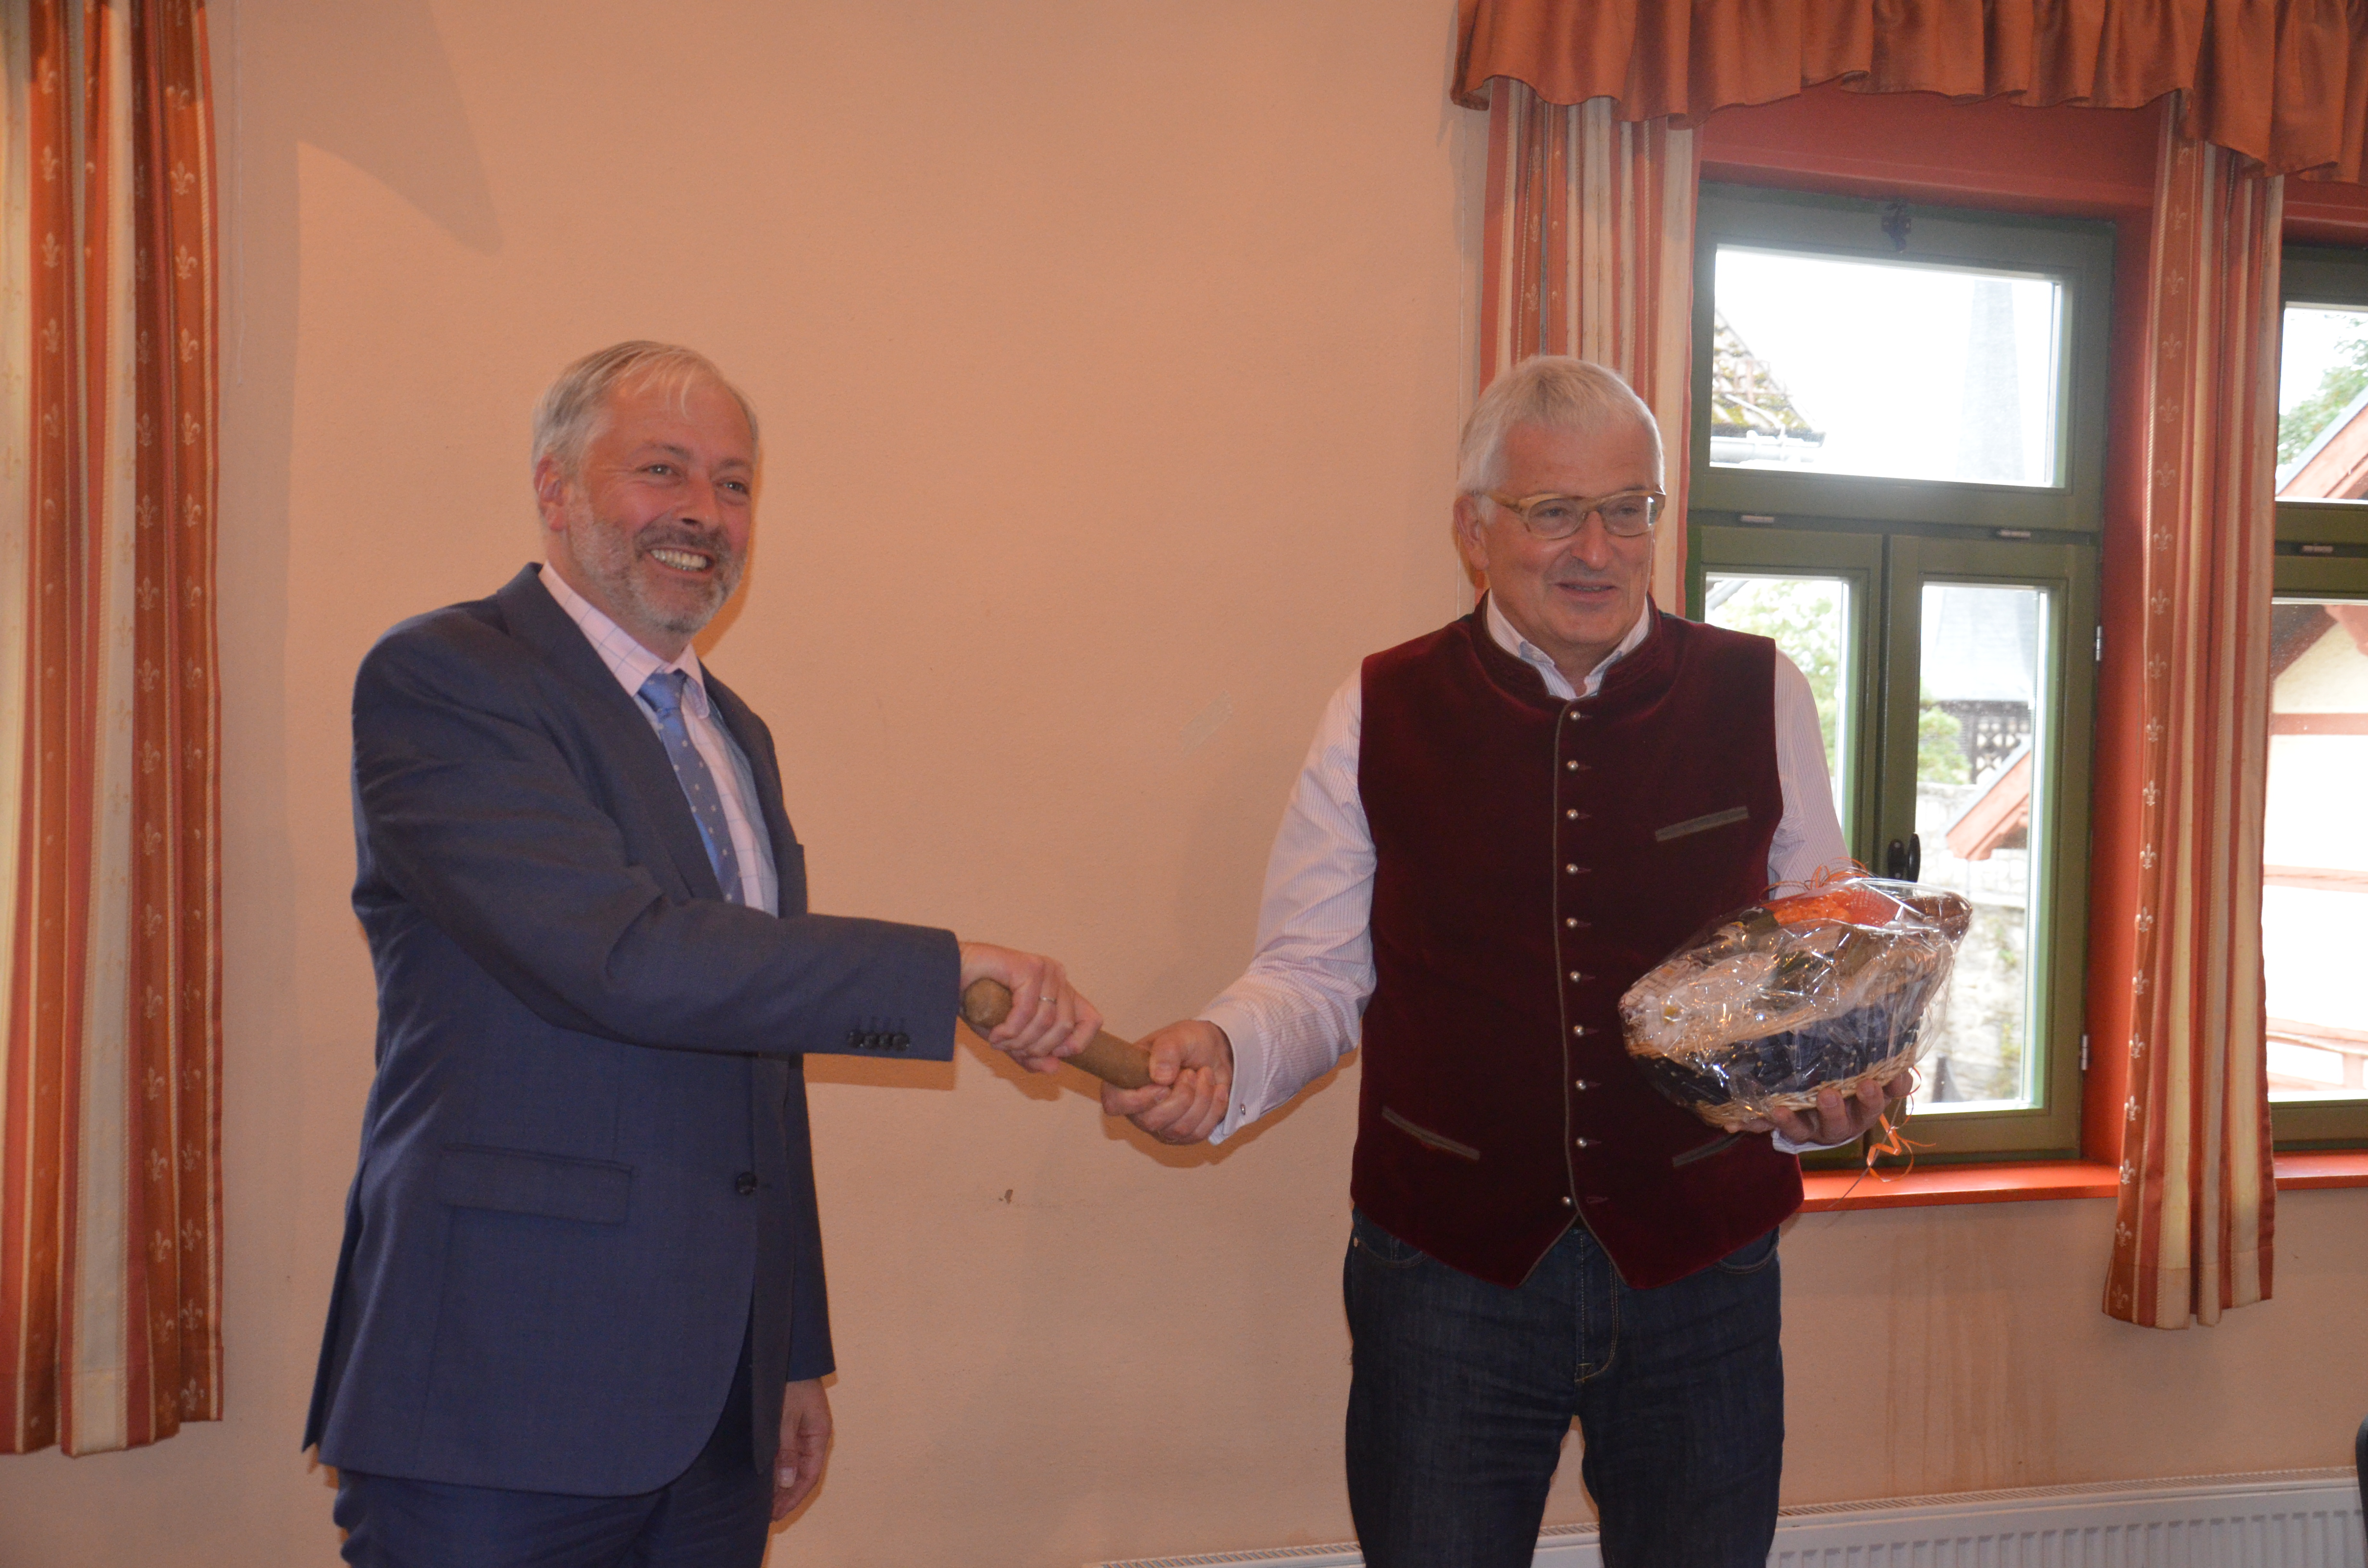 Übergabe des Staffelstabs - Nach 28 übergibt Andreas Lesser das Amt des Stiftungsvorstandes an Dr. Helge Wittmann